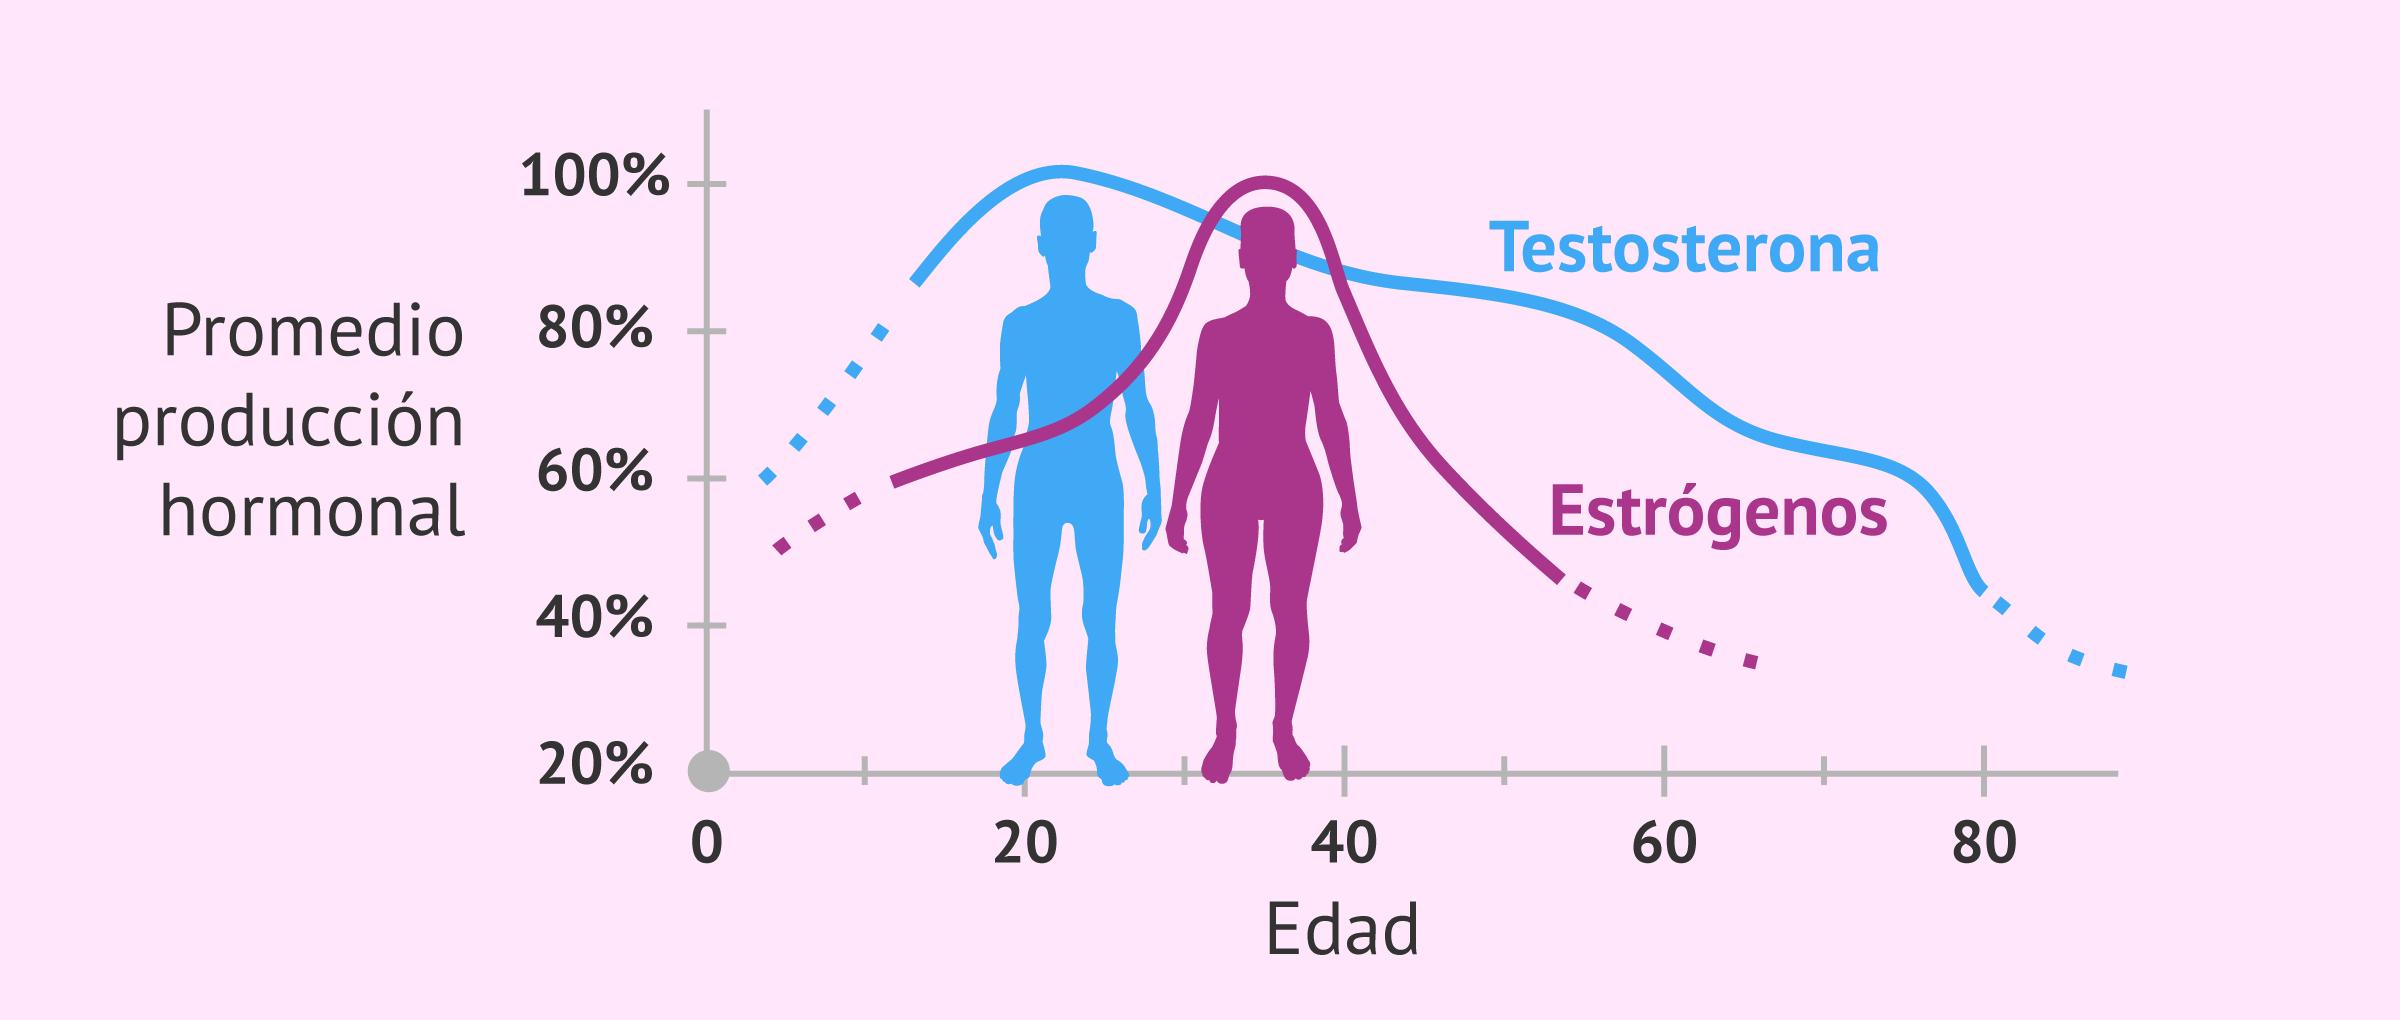 La fertilidad de los hombres se reduce con la edad